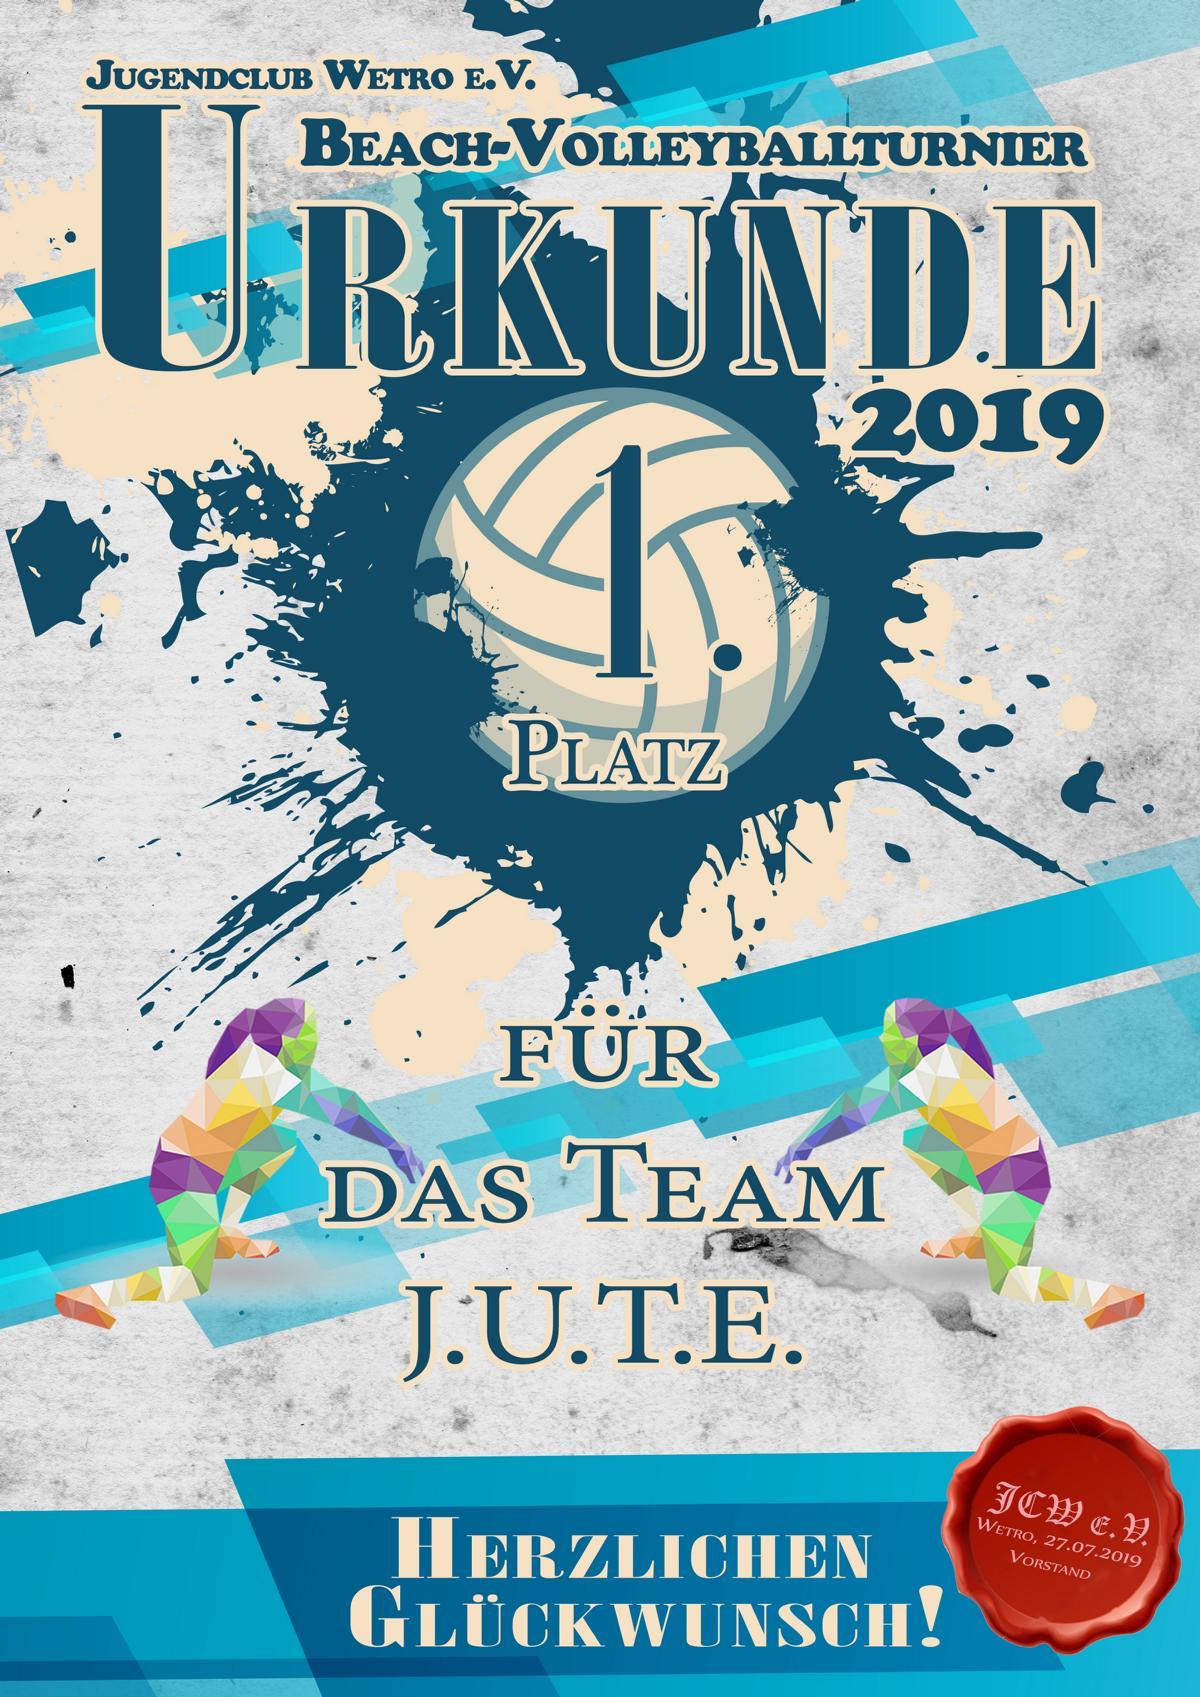 http://www.jugendclub-wetro.de/wp-content/uploads/2019/07/01_VBT2k19_Jute.jpg